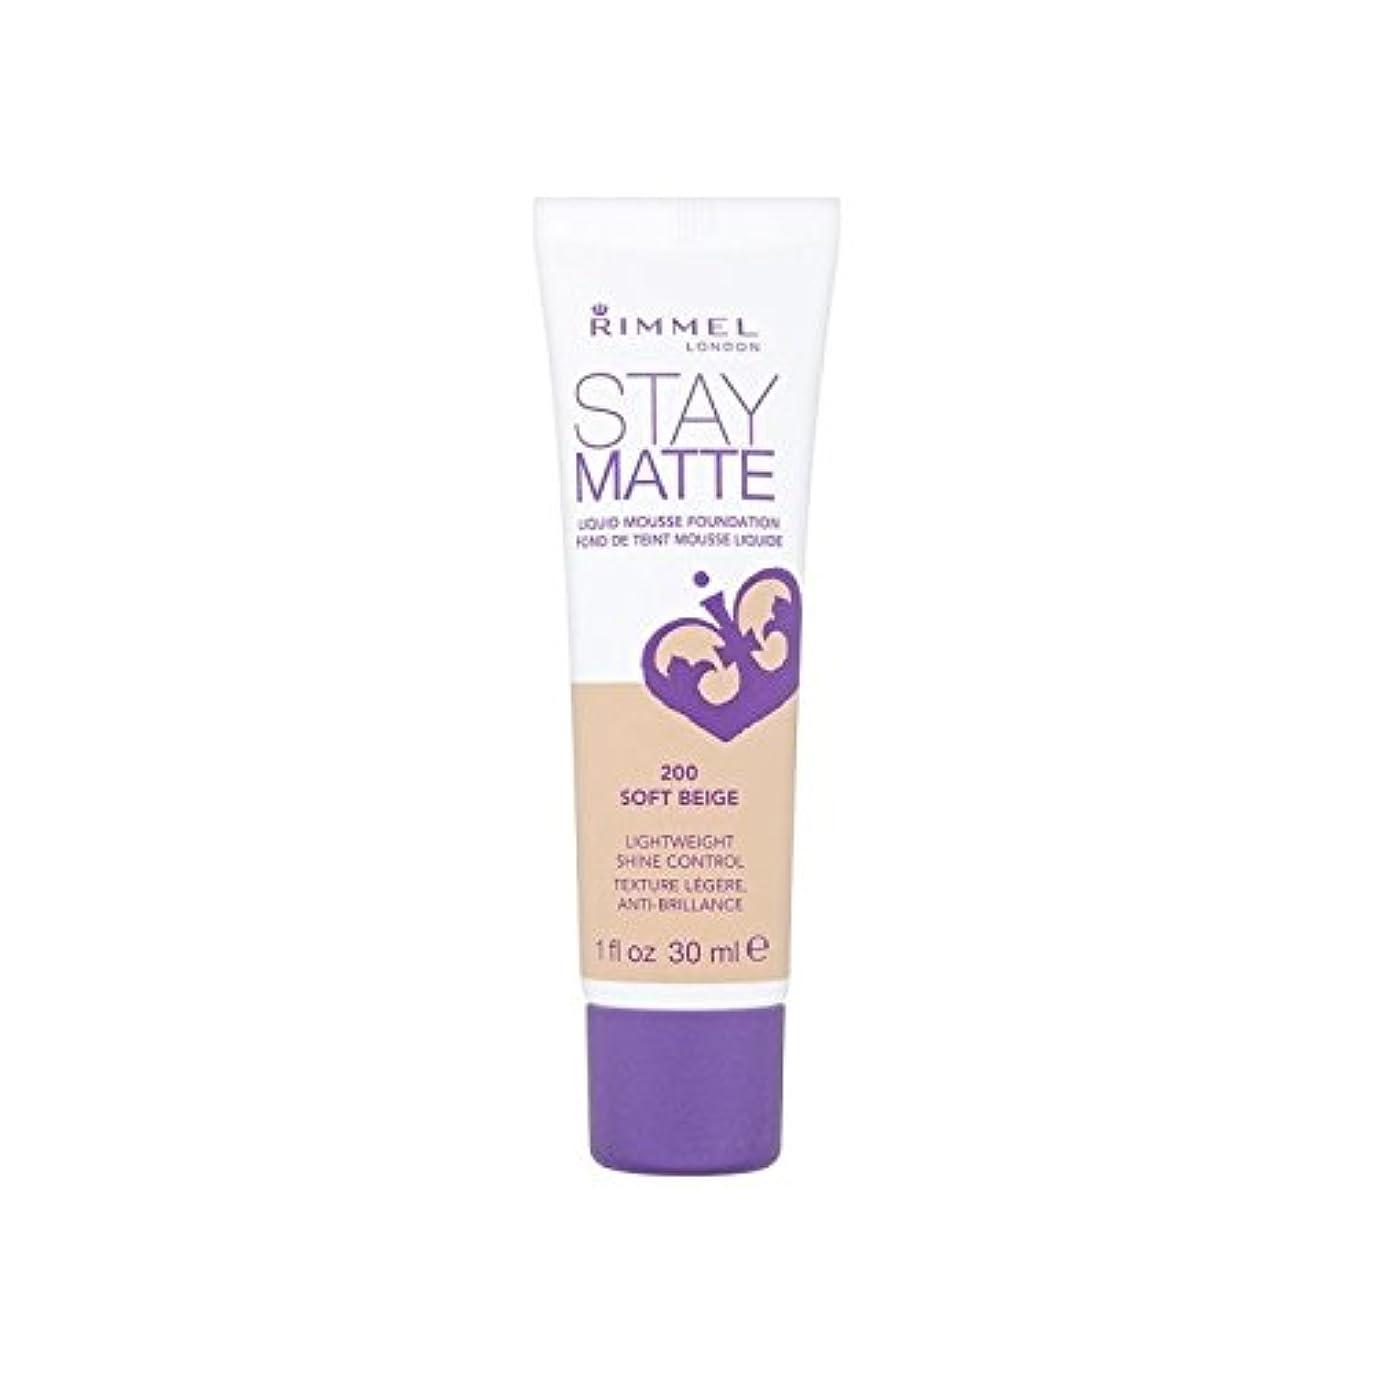 ようこそ権限過ちリンメルステイマット基盤ソフトベージュ x4 - Rimmel Stay Matte Foundation Soft Beige (Pack of 4) [並行輸入品]